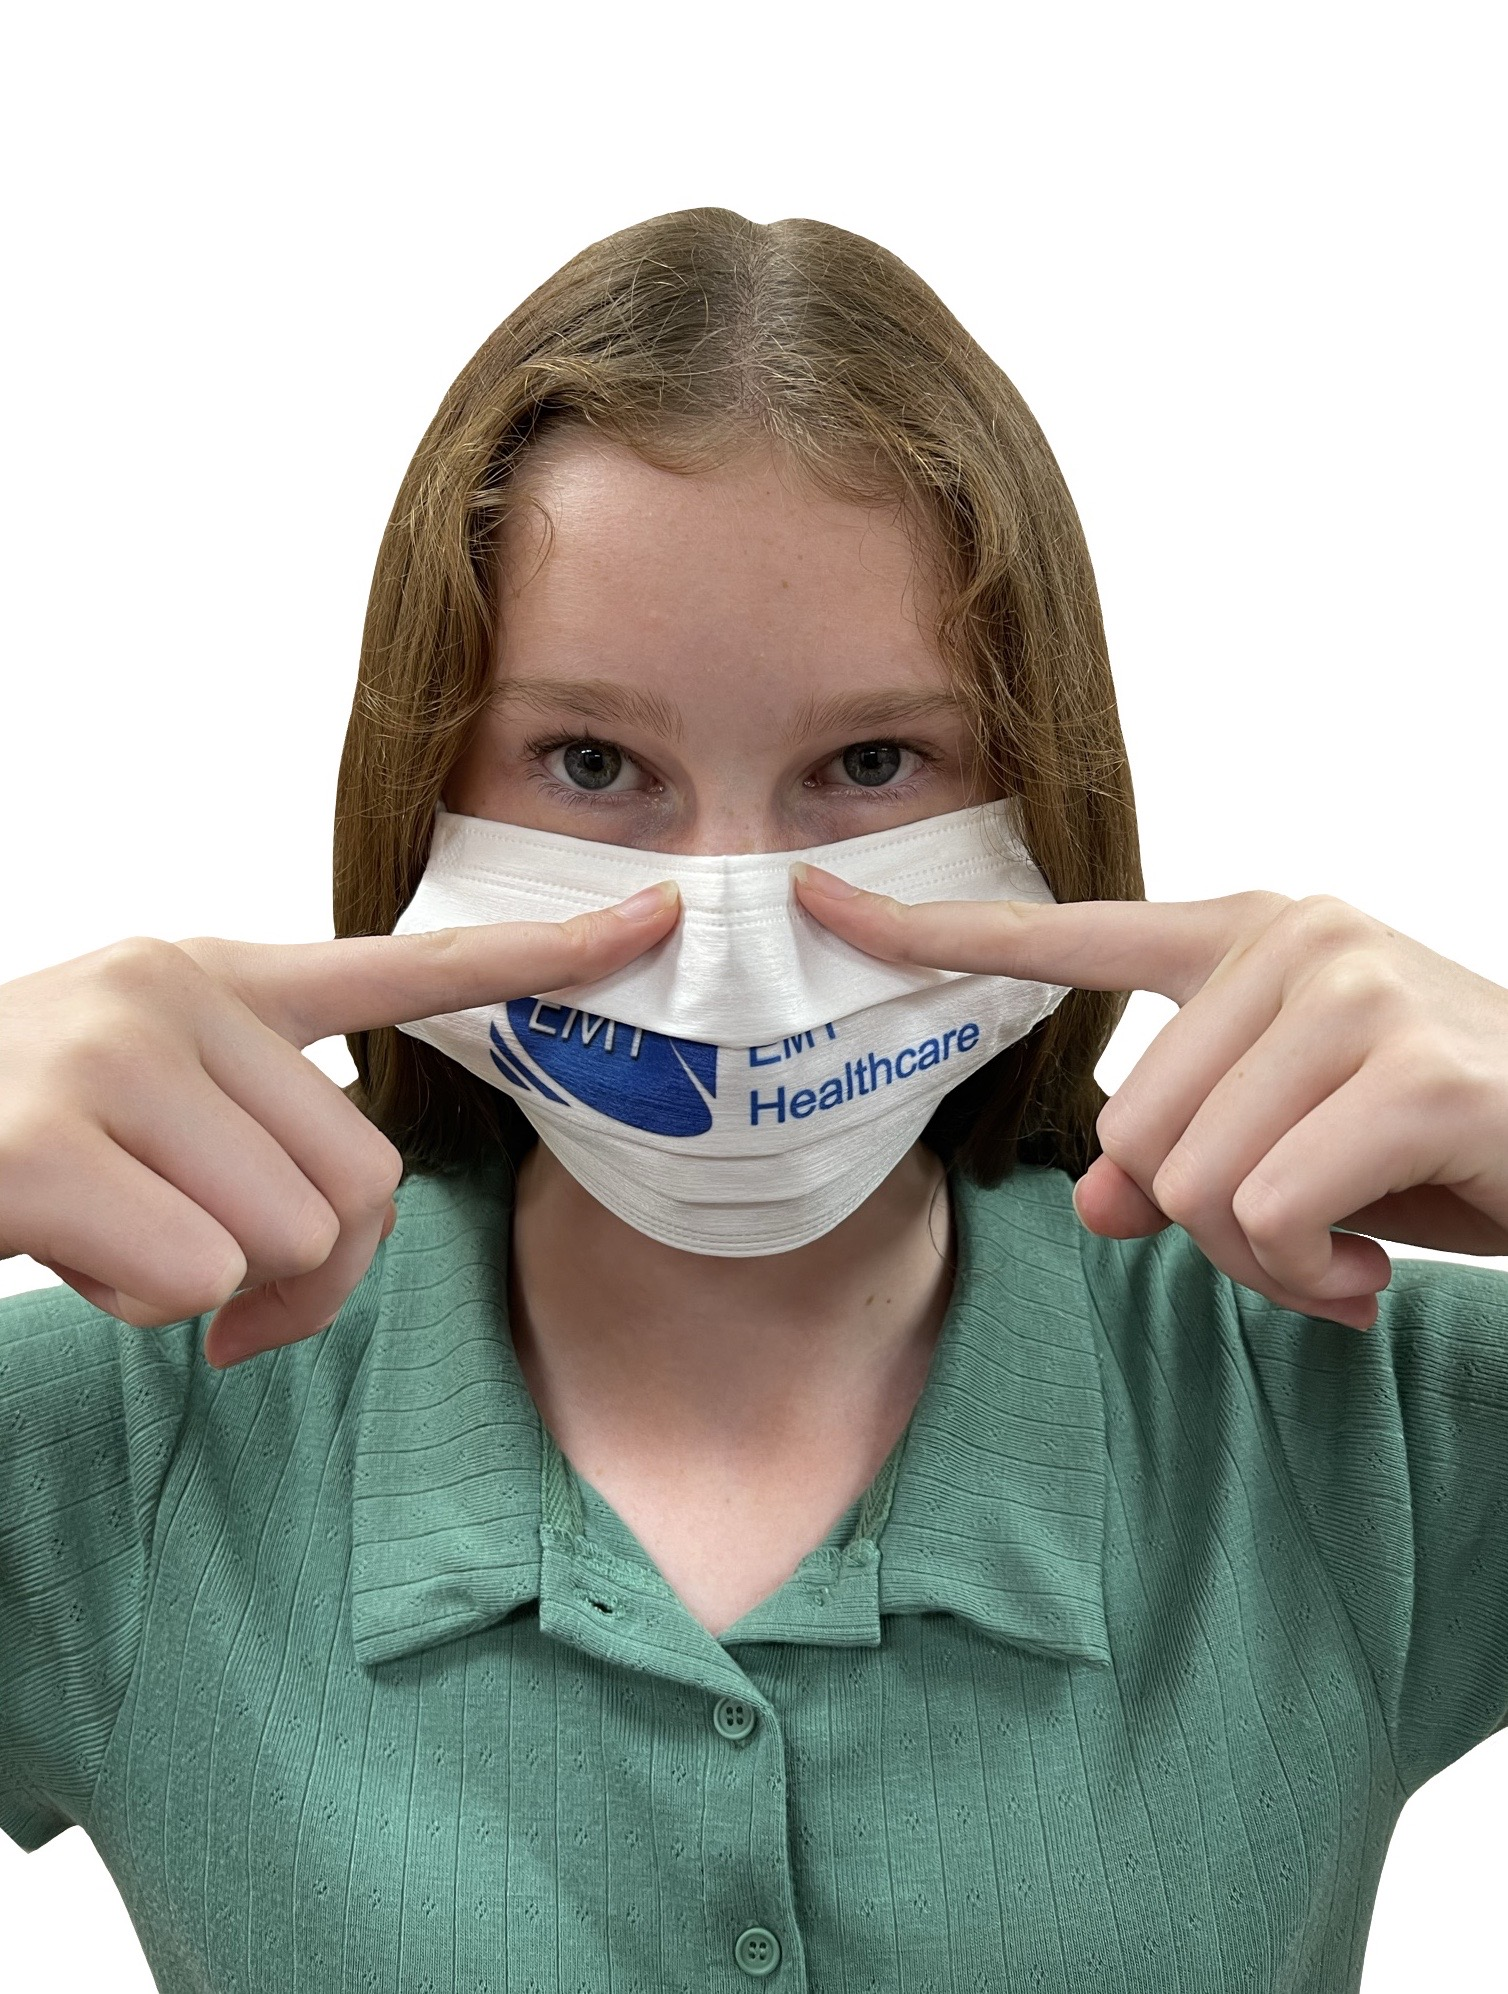 emt-mask-fingers.jpg